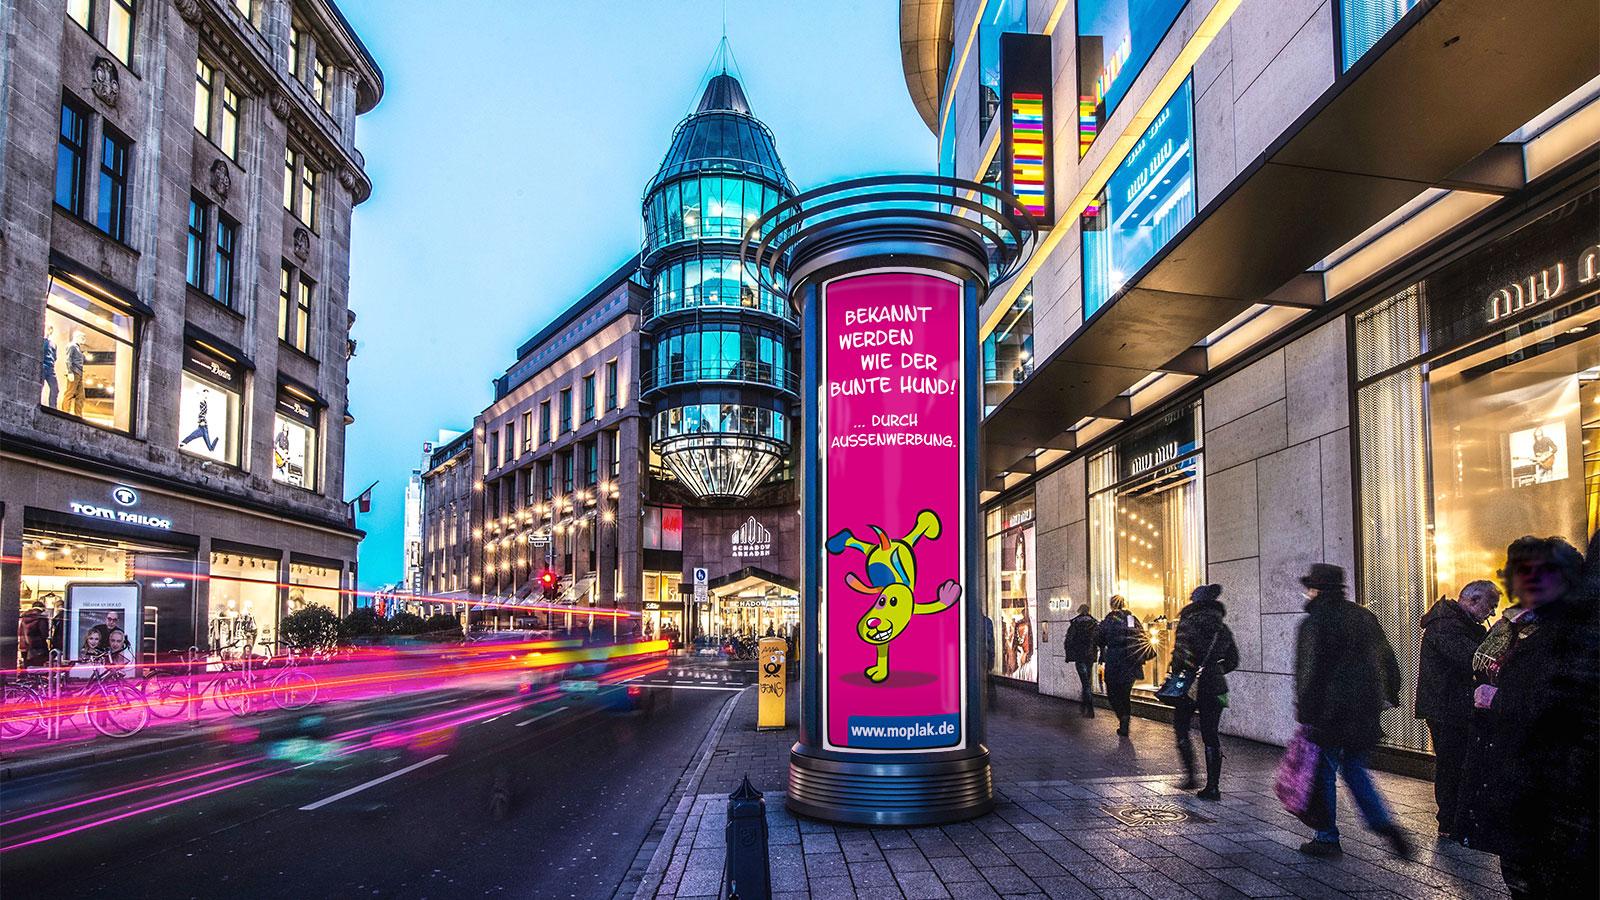 Hannover-Aussenwerbung-Litfasssaeule-Werbung